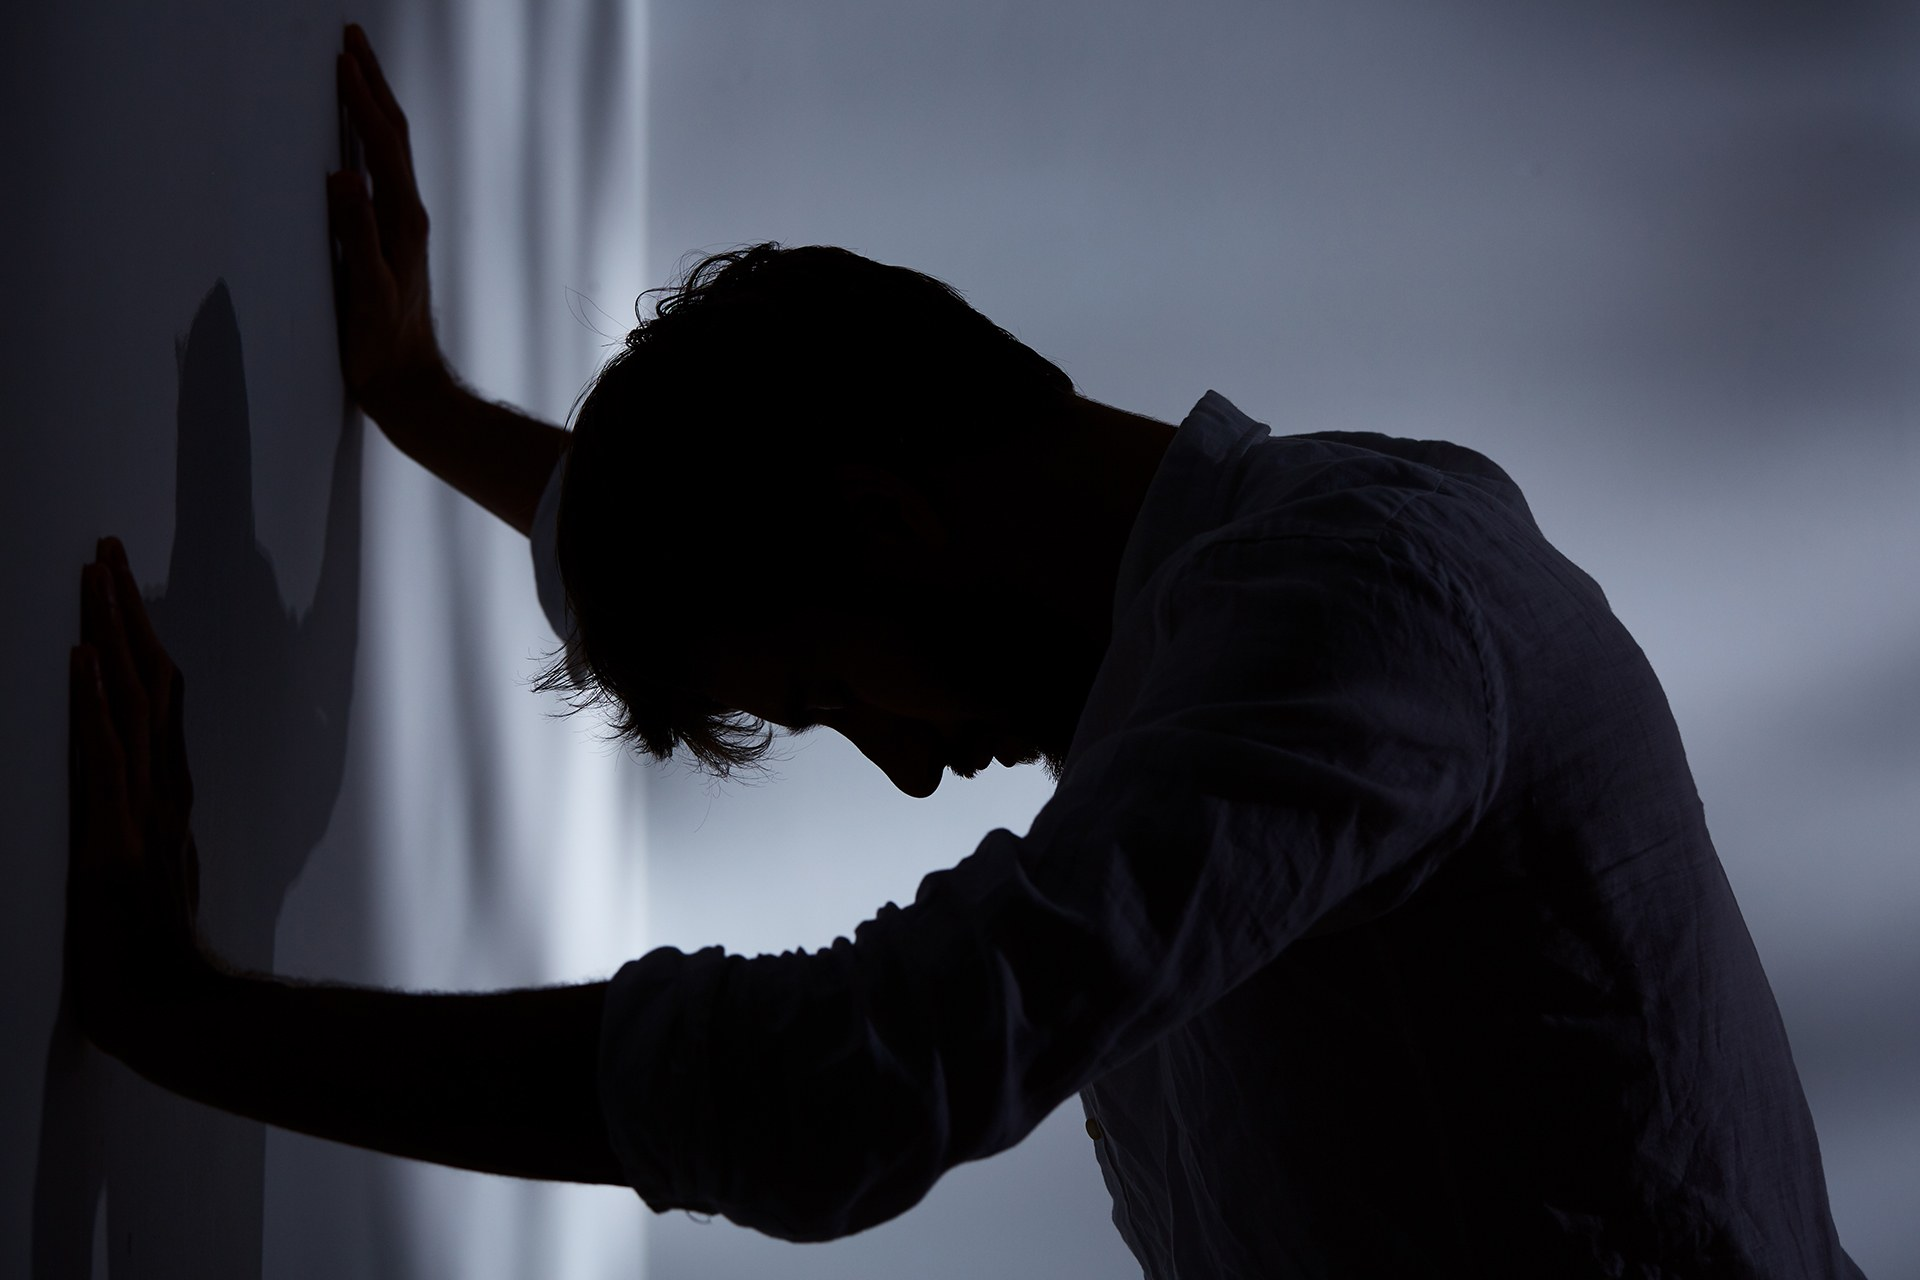 Депрессию можно будет определять на основе анализа телефонных разговоров